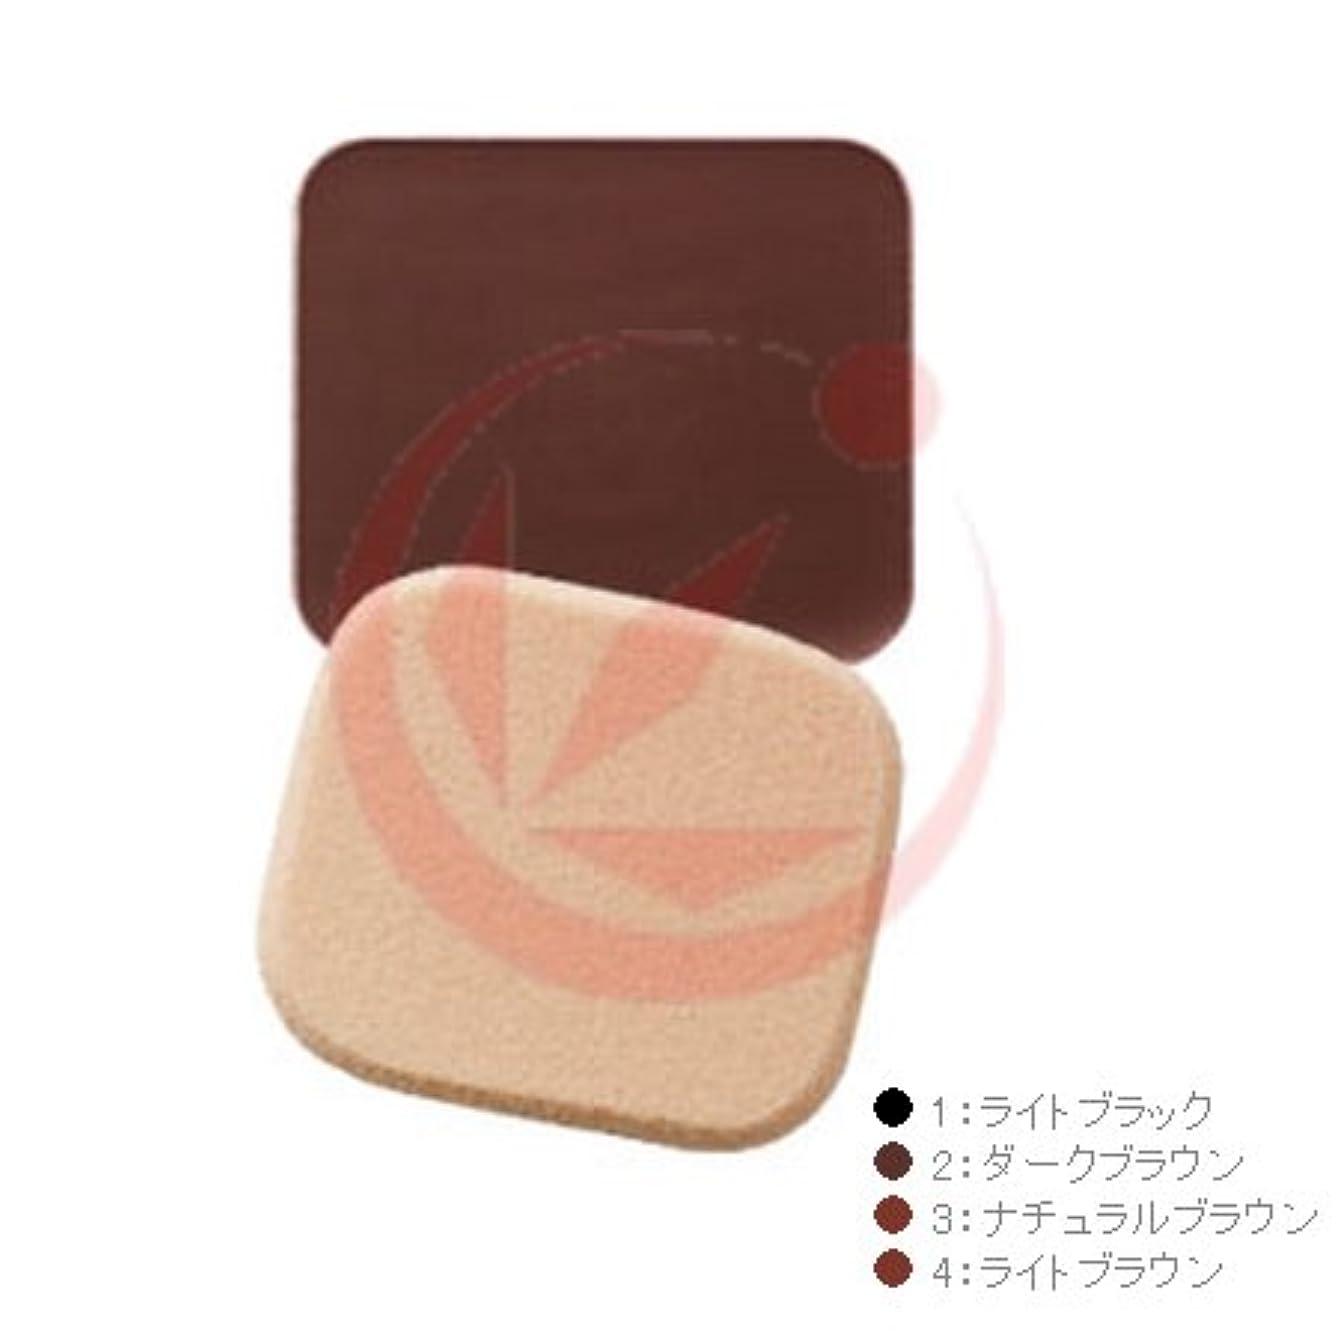 鏡まともな取得イリヤ 彩(いろどり) ヘアファンデーション 13g 詰替用 パフ付 ダークブラウン